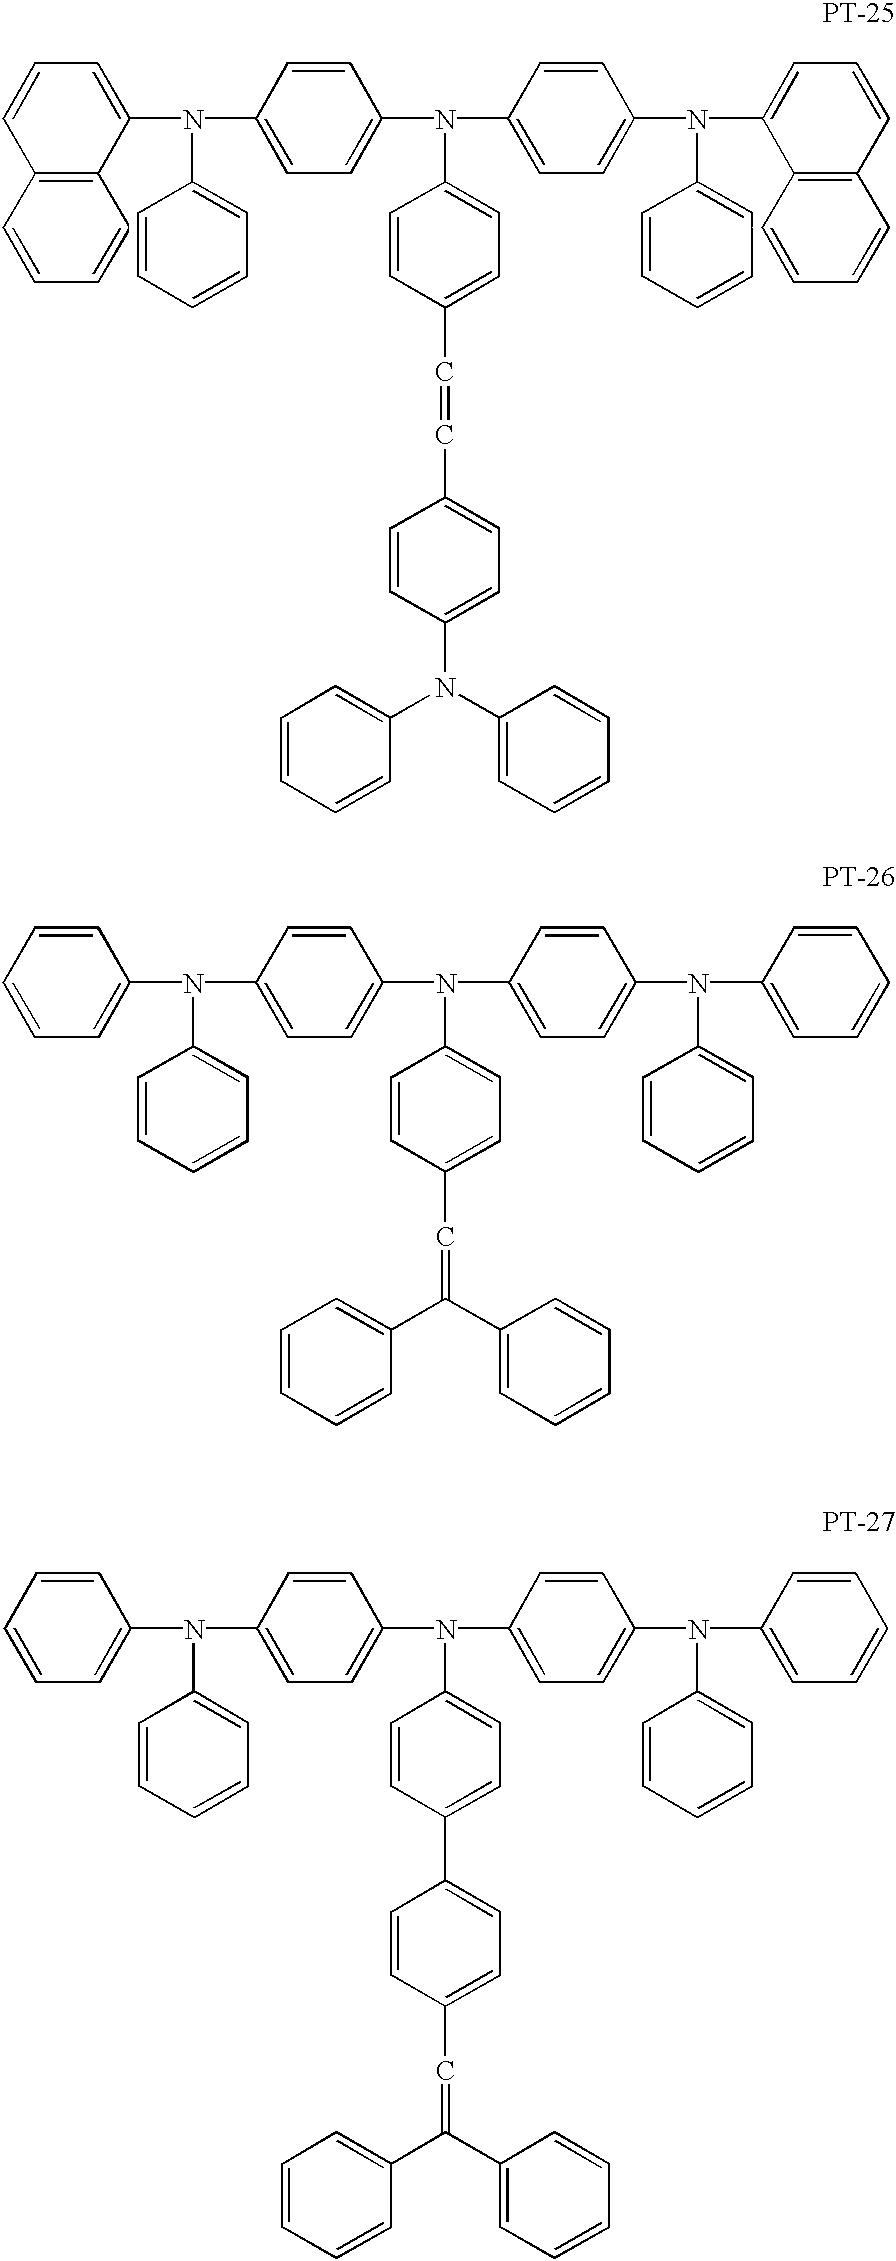 Figure US06541129-20030401-C00030